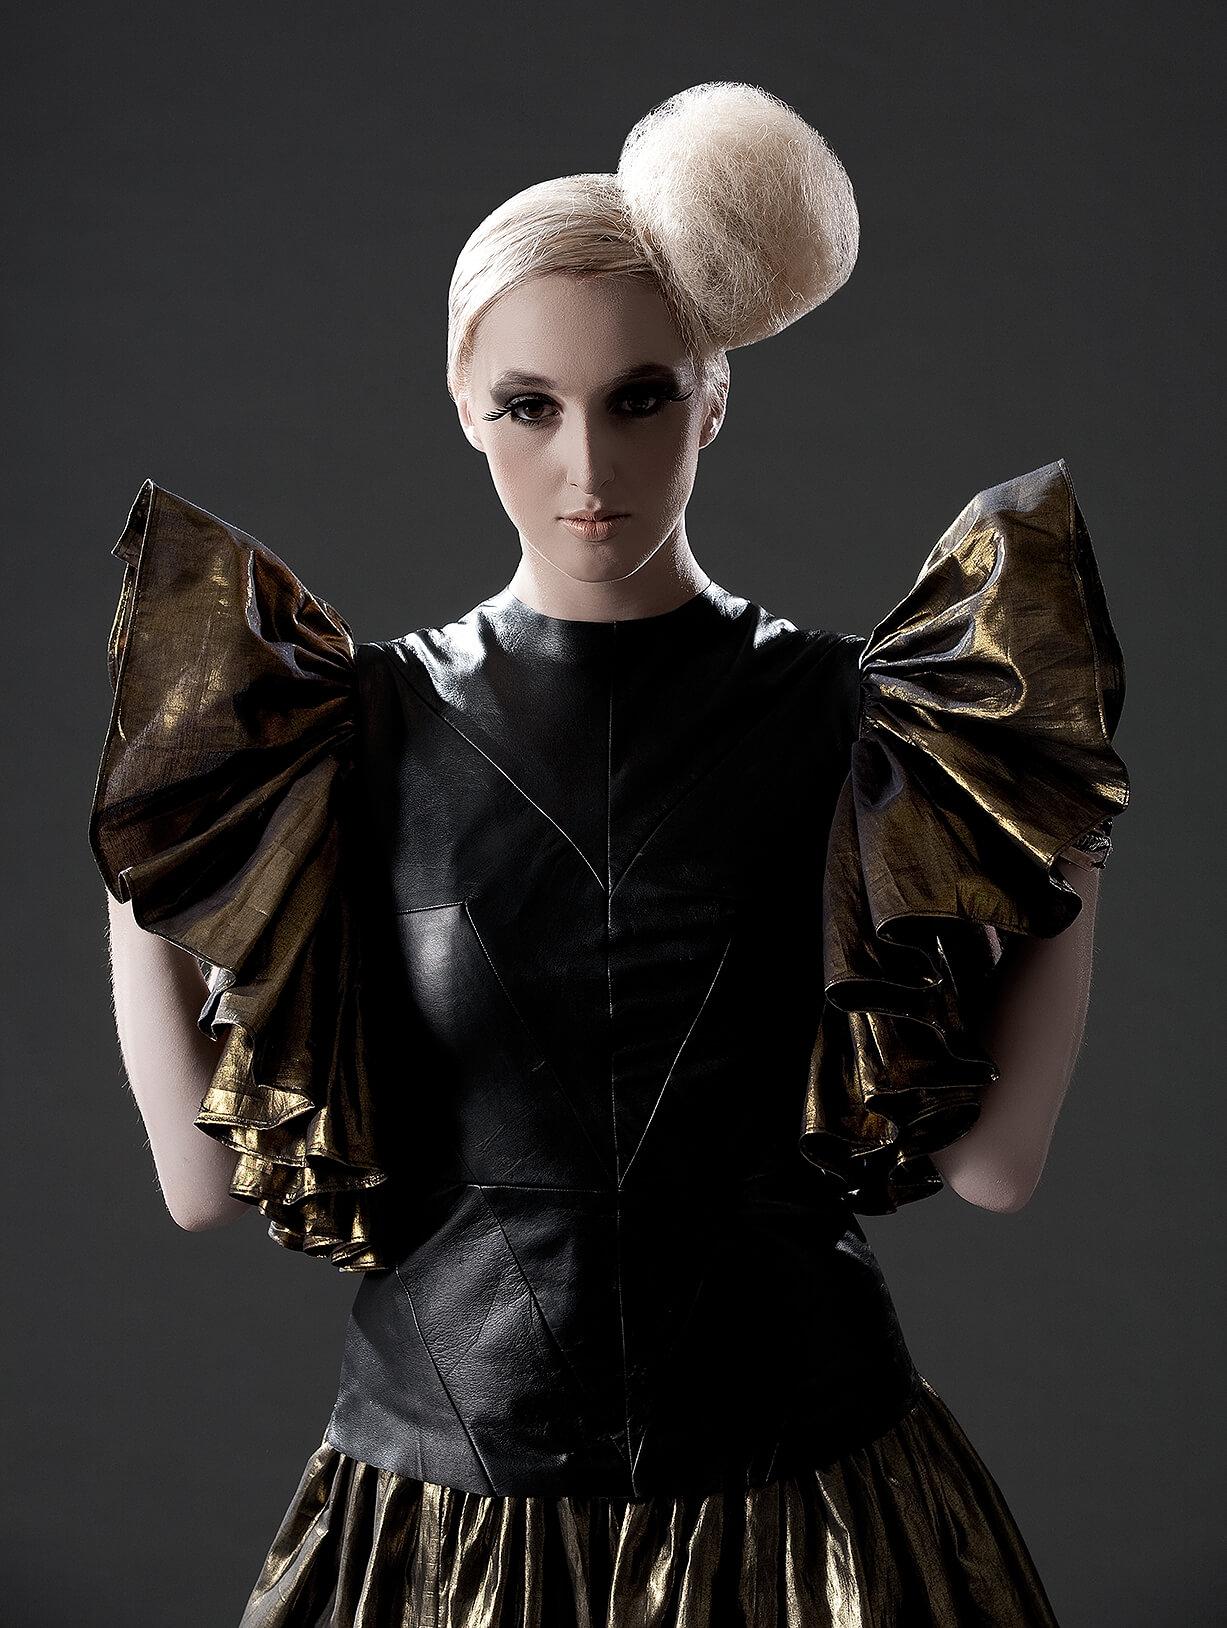 Futuristic fashion photography